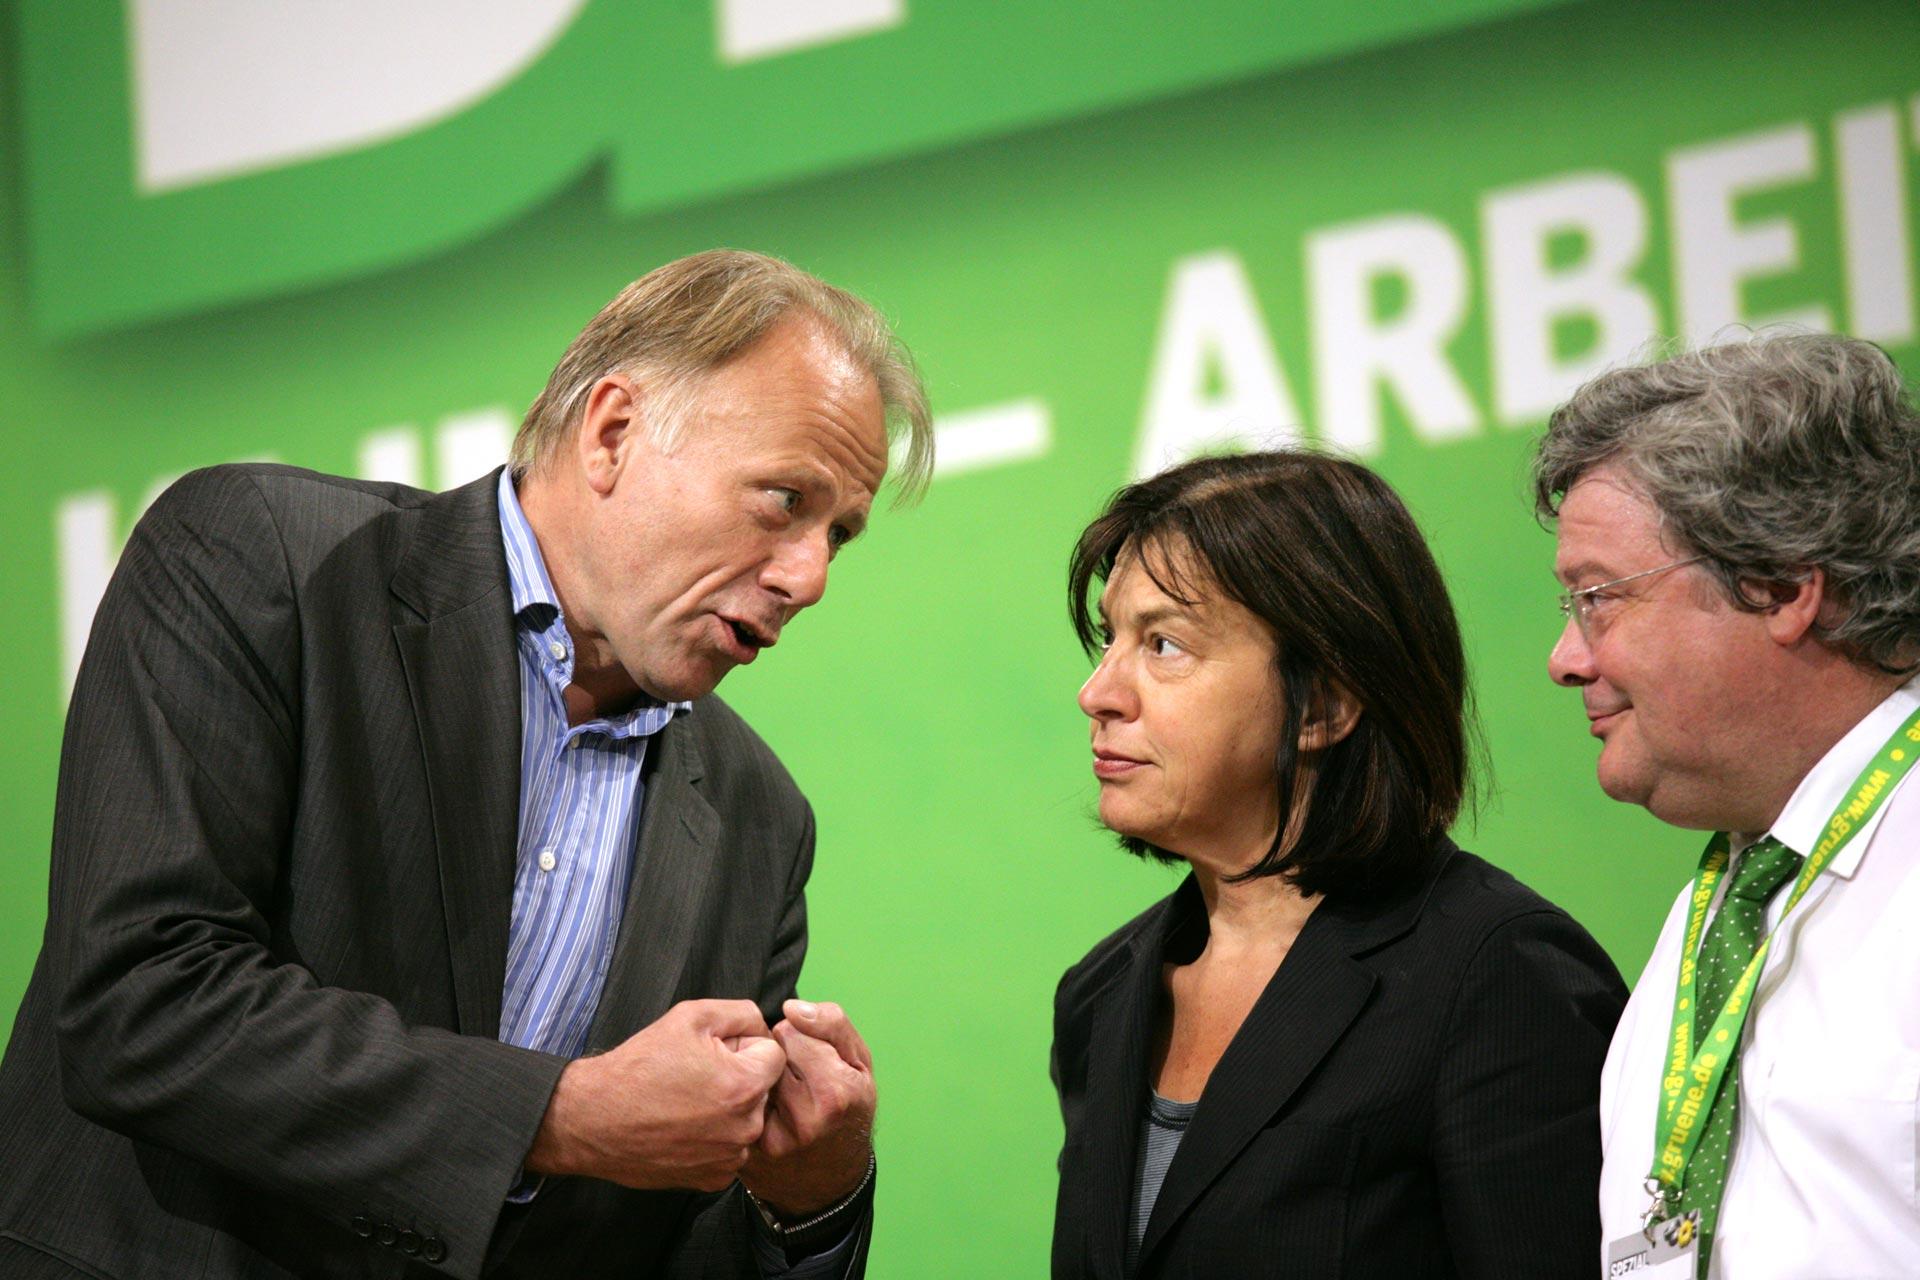 Jürgen Trittin, Rebecca Harms und Reinhard Bütikofer auf dem Bundesparteitag in Berlin /BÜNDNIS 90 - DIE GRÜNEN